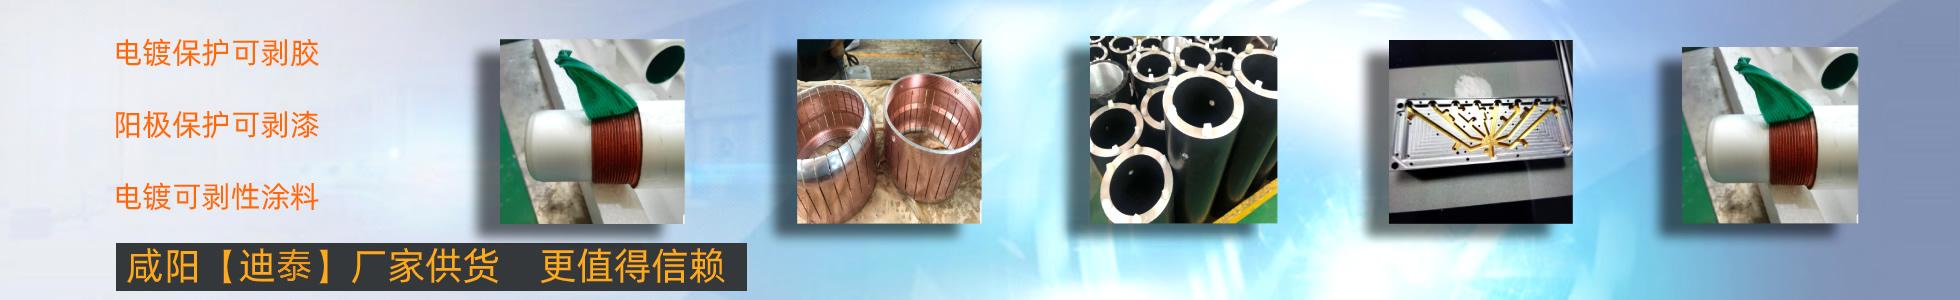 陽極局部氧化保護可剝漆廠家咸陽【迪泰】更可靠